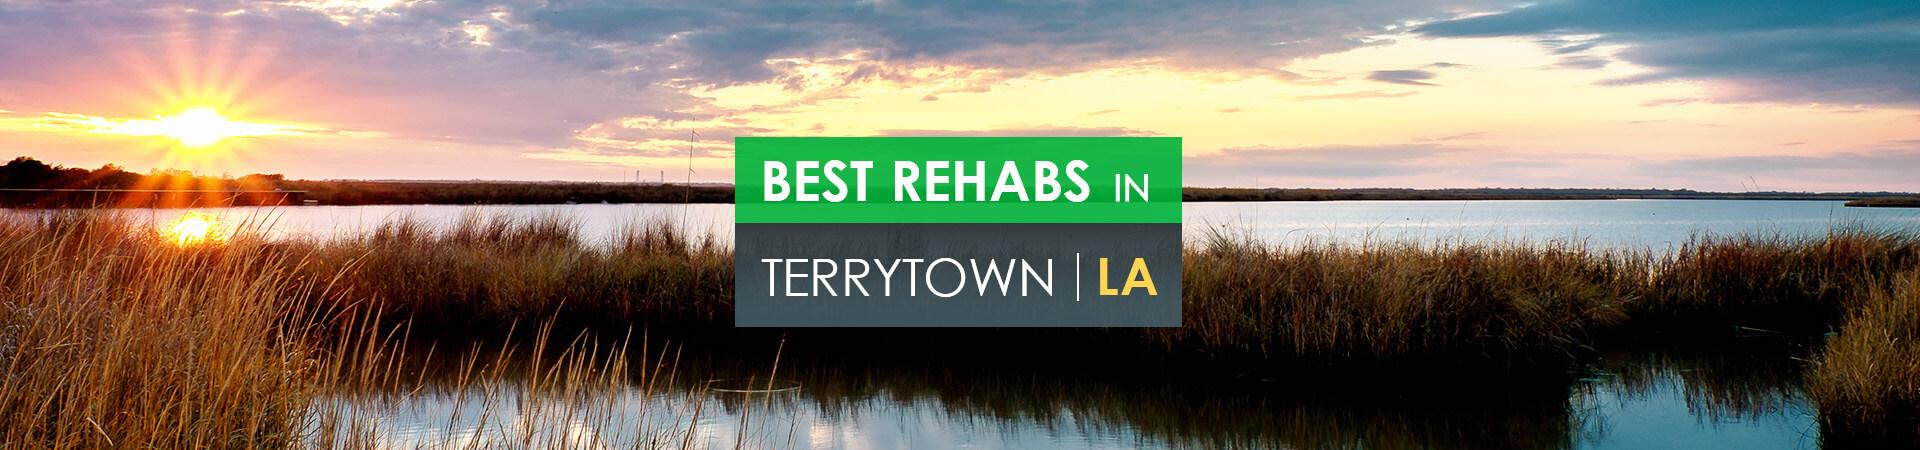 Best rehabs in Terrytown, LA